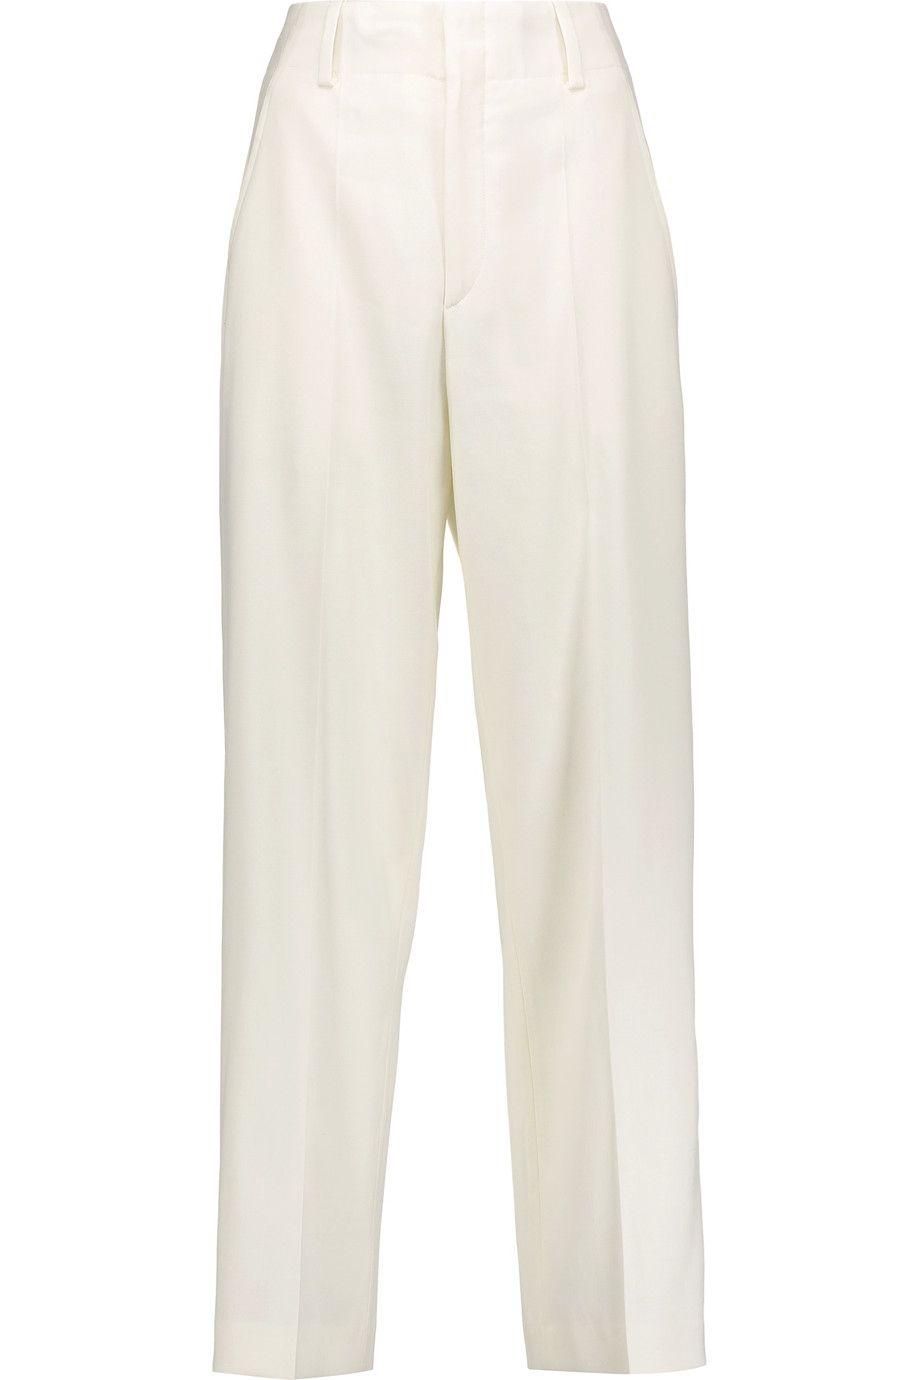 491a08a1d30 ISABEL MARANT Dallin Crepe Straight-Leg Pants. #isabelmarant #cloth ...